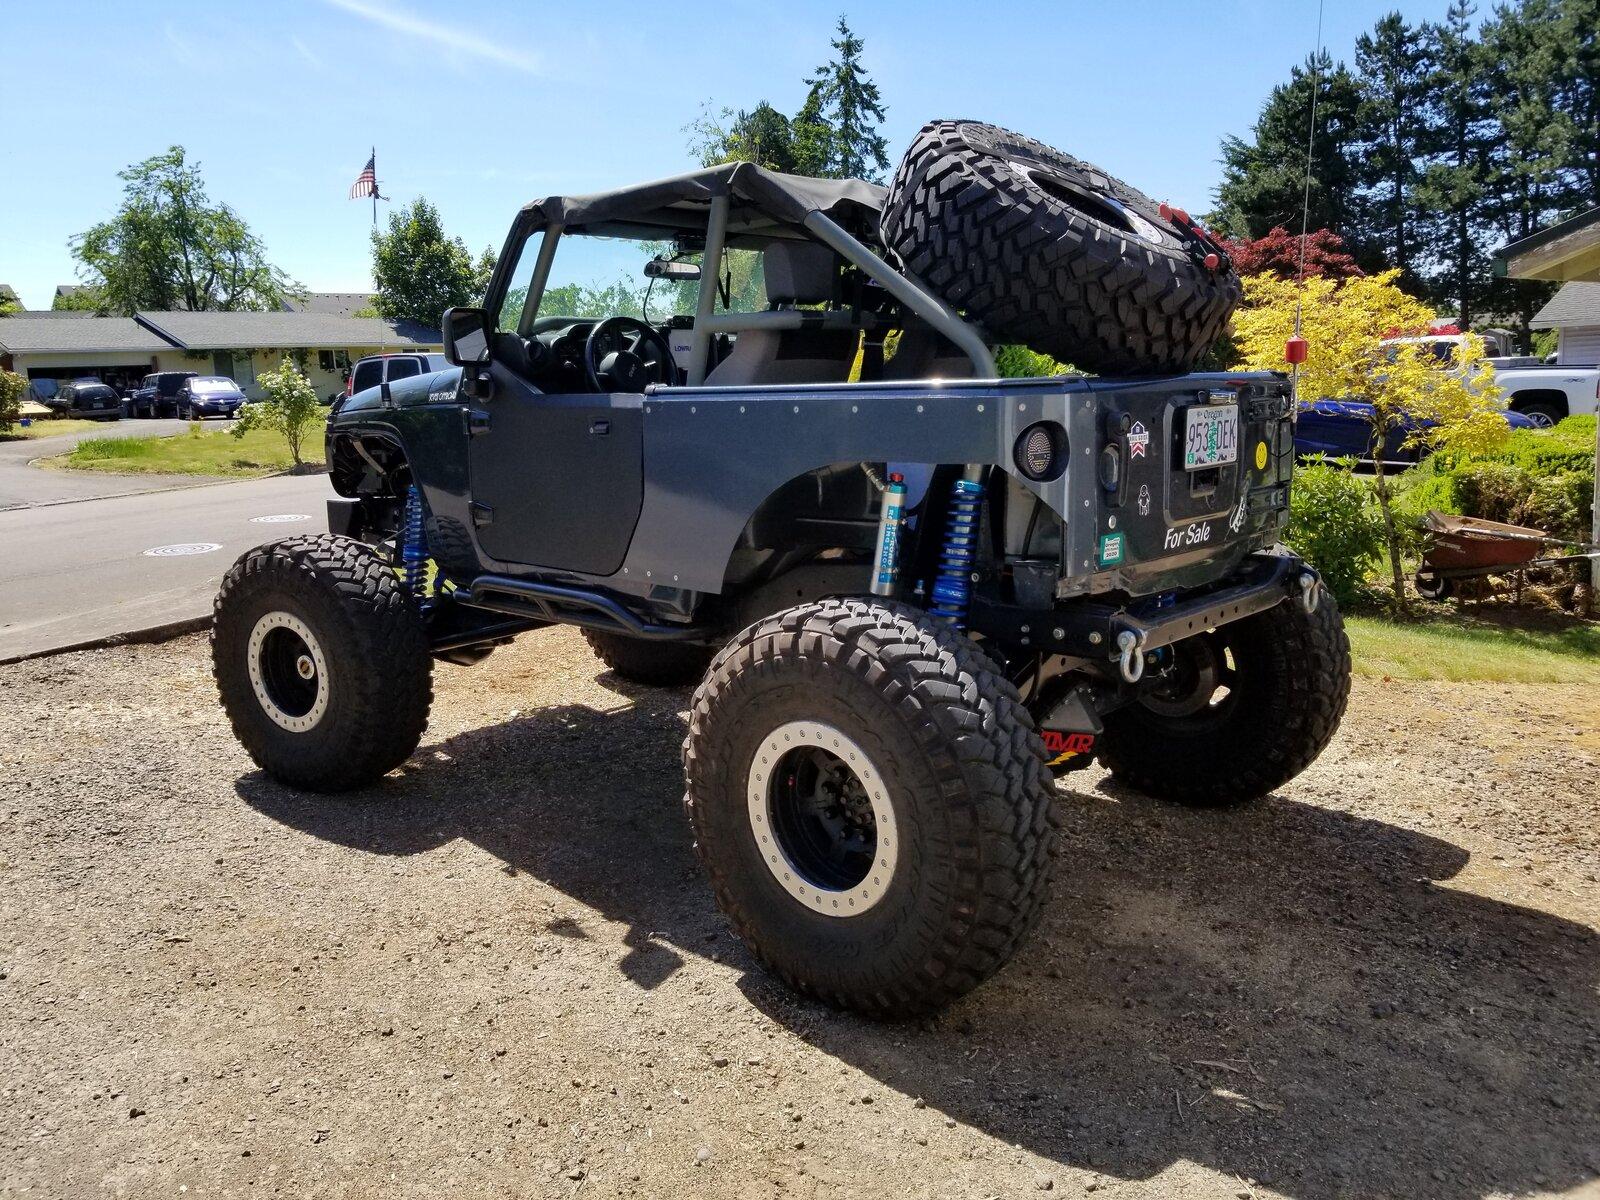 Jeep Rear.jpeg